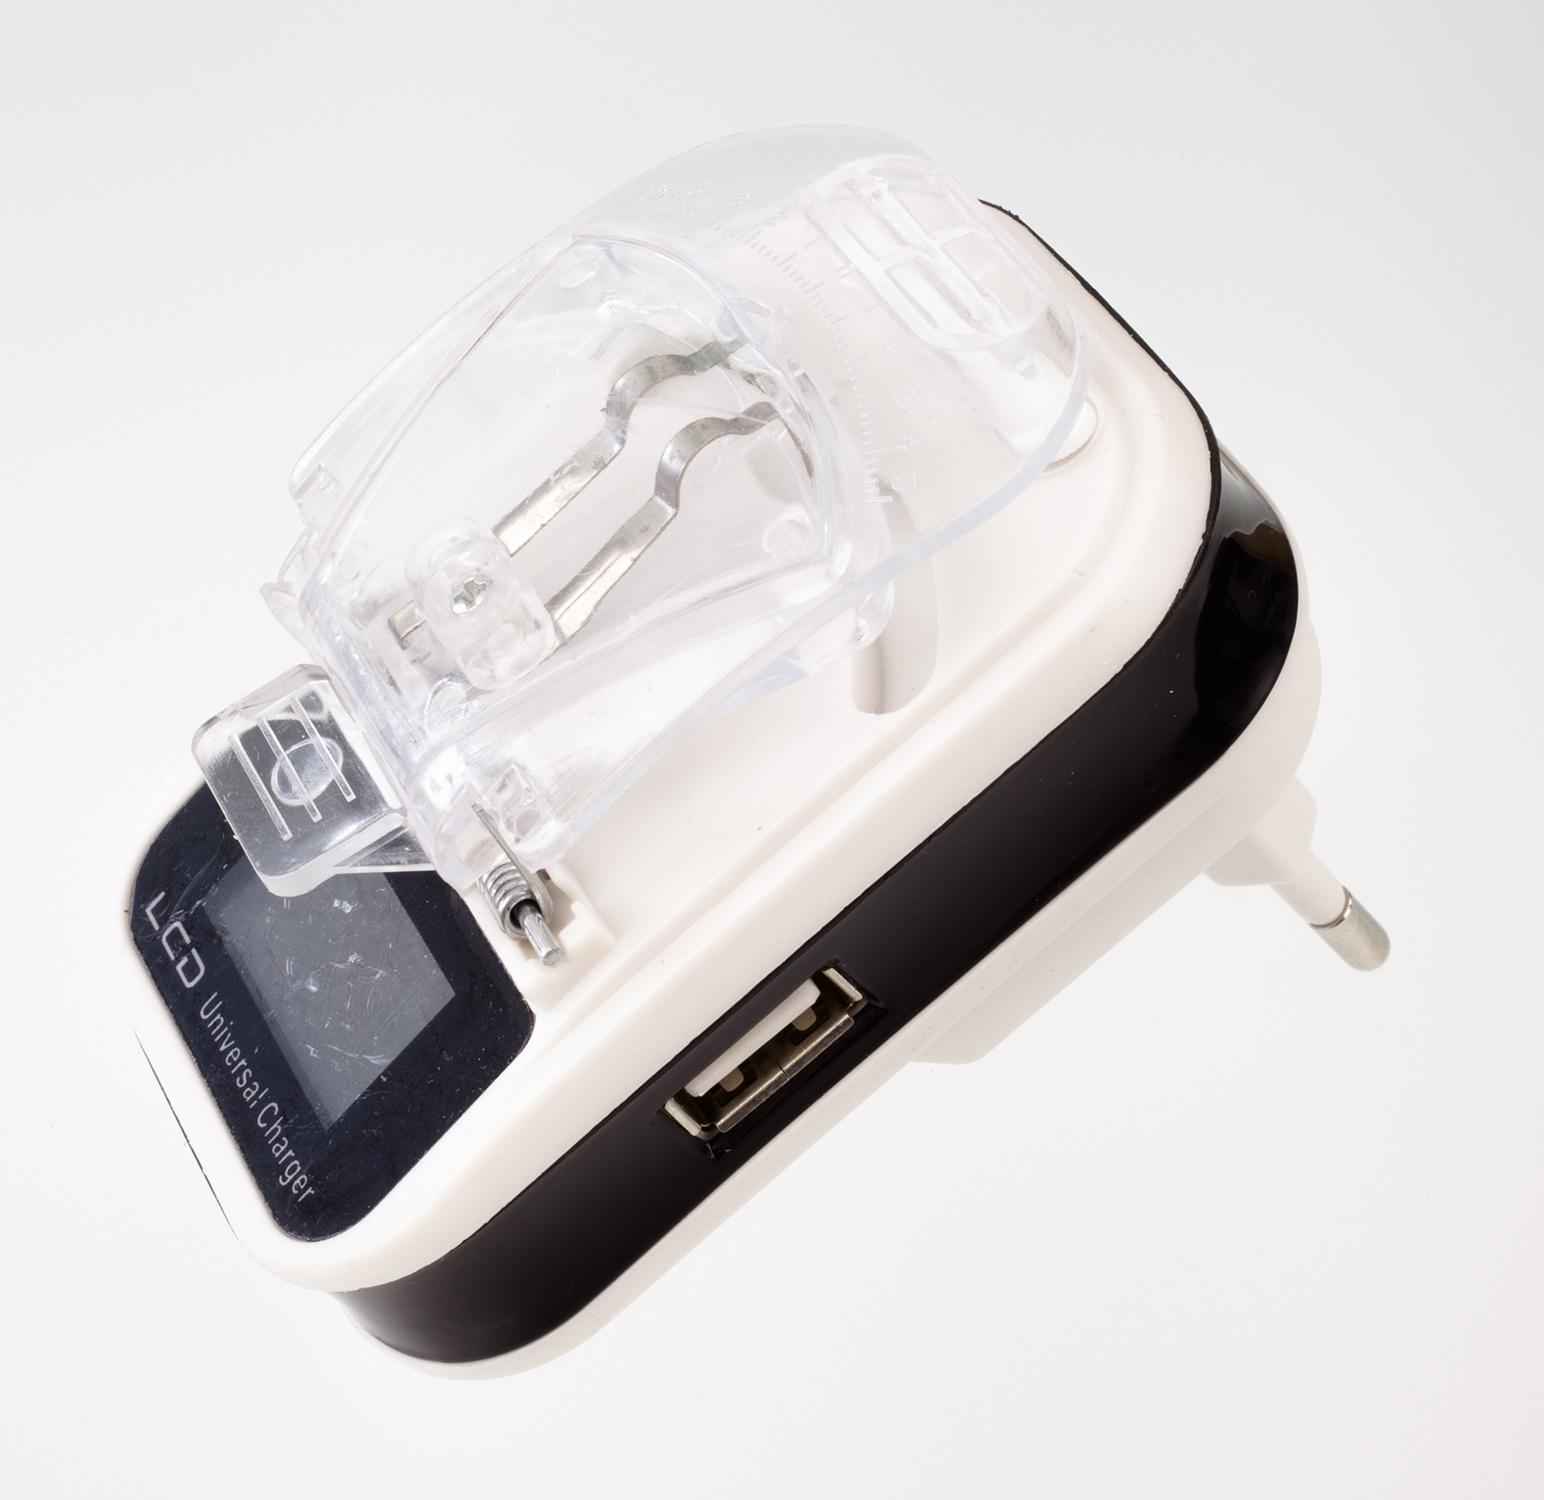 Зарядное устройство Navitoch УНИВЕРСАЛЬНОЕ ЗУ ЛЯГУШКА LCD,USB (БЛИСТЕР), белый, черный